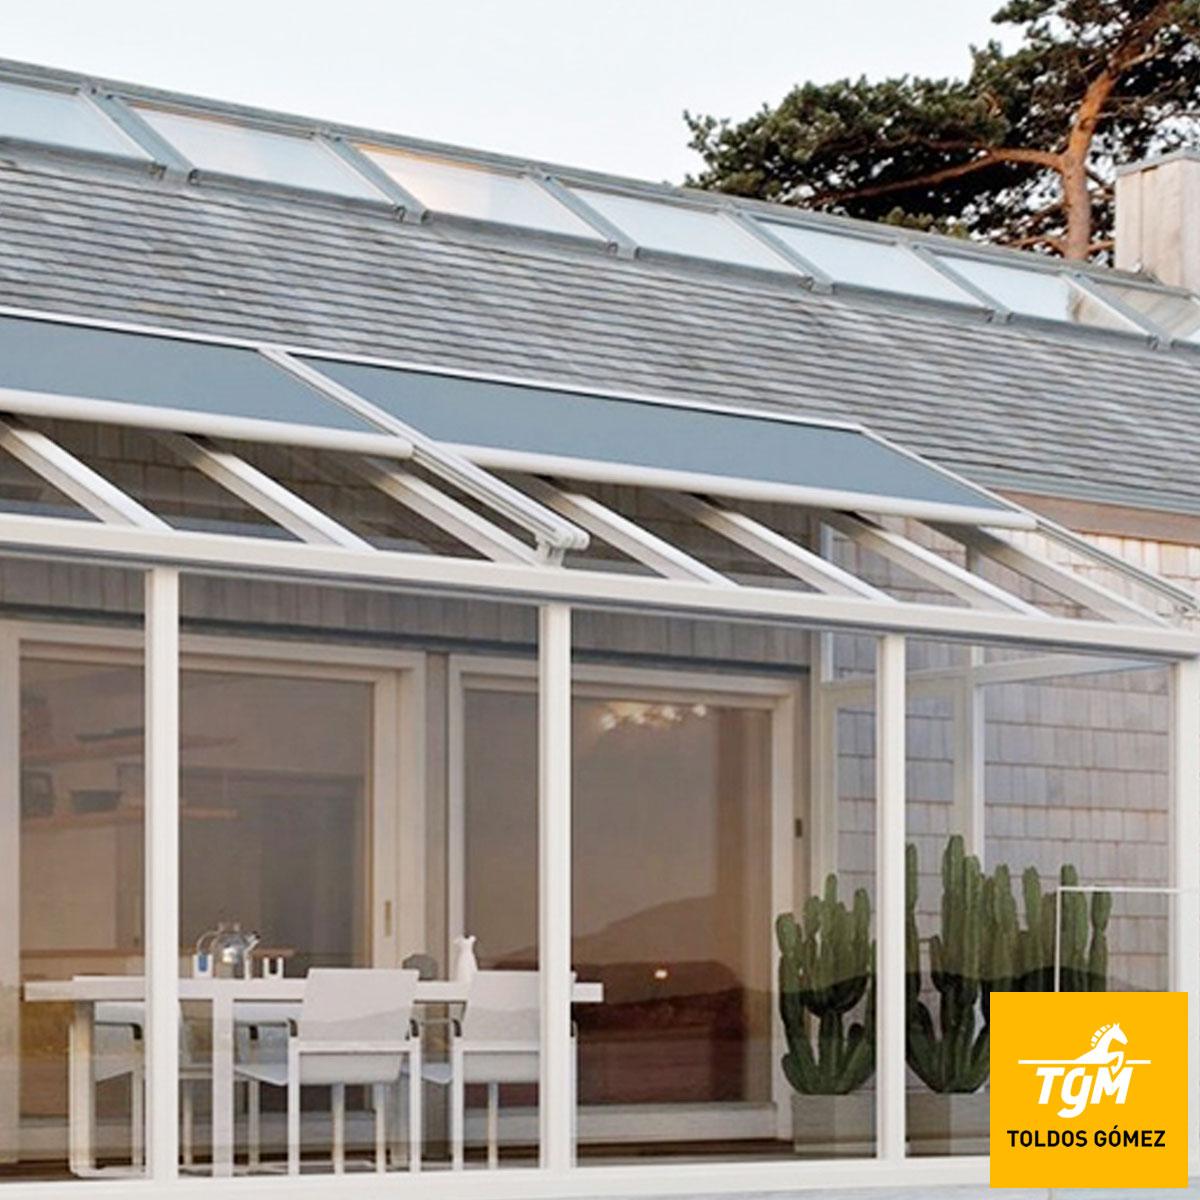 Toldos ideas mejor protección solar verano